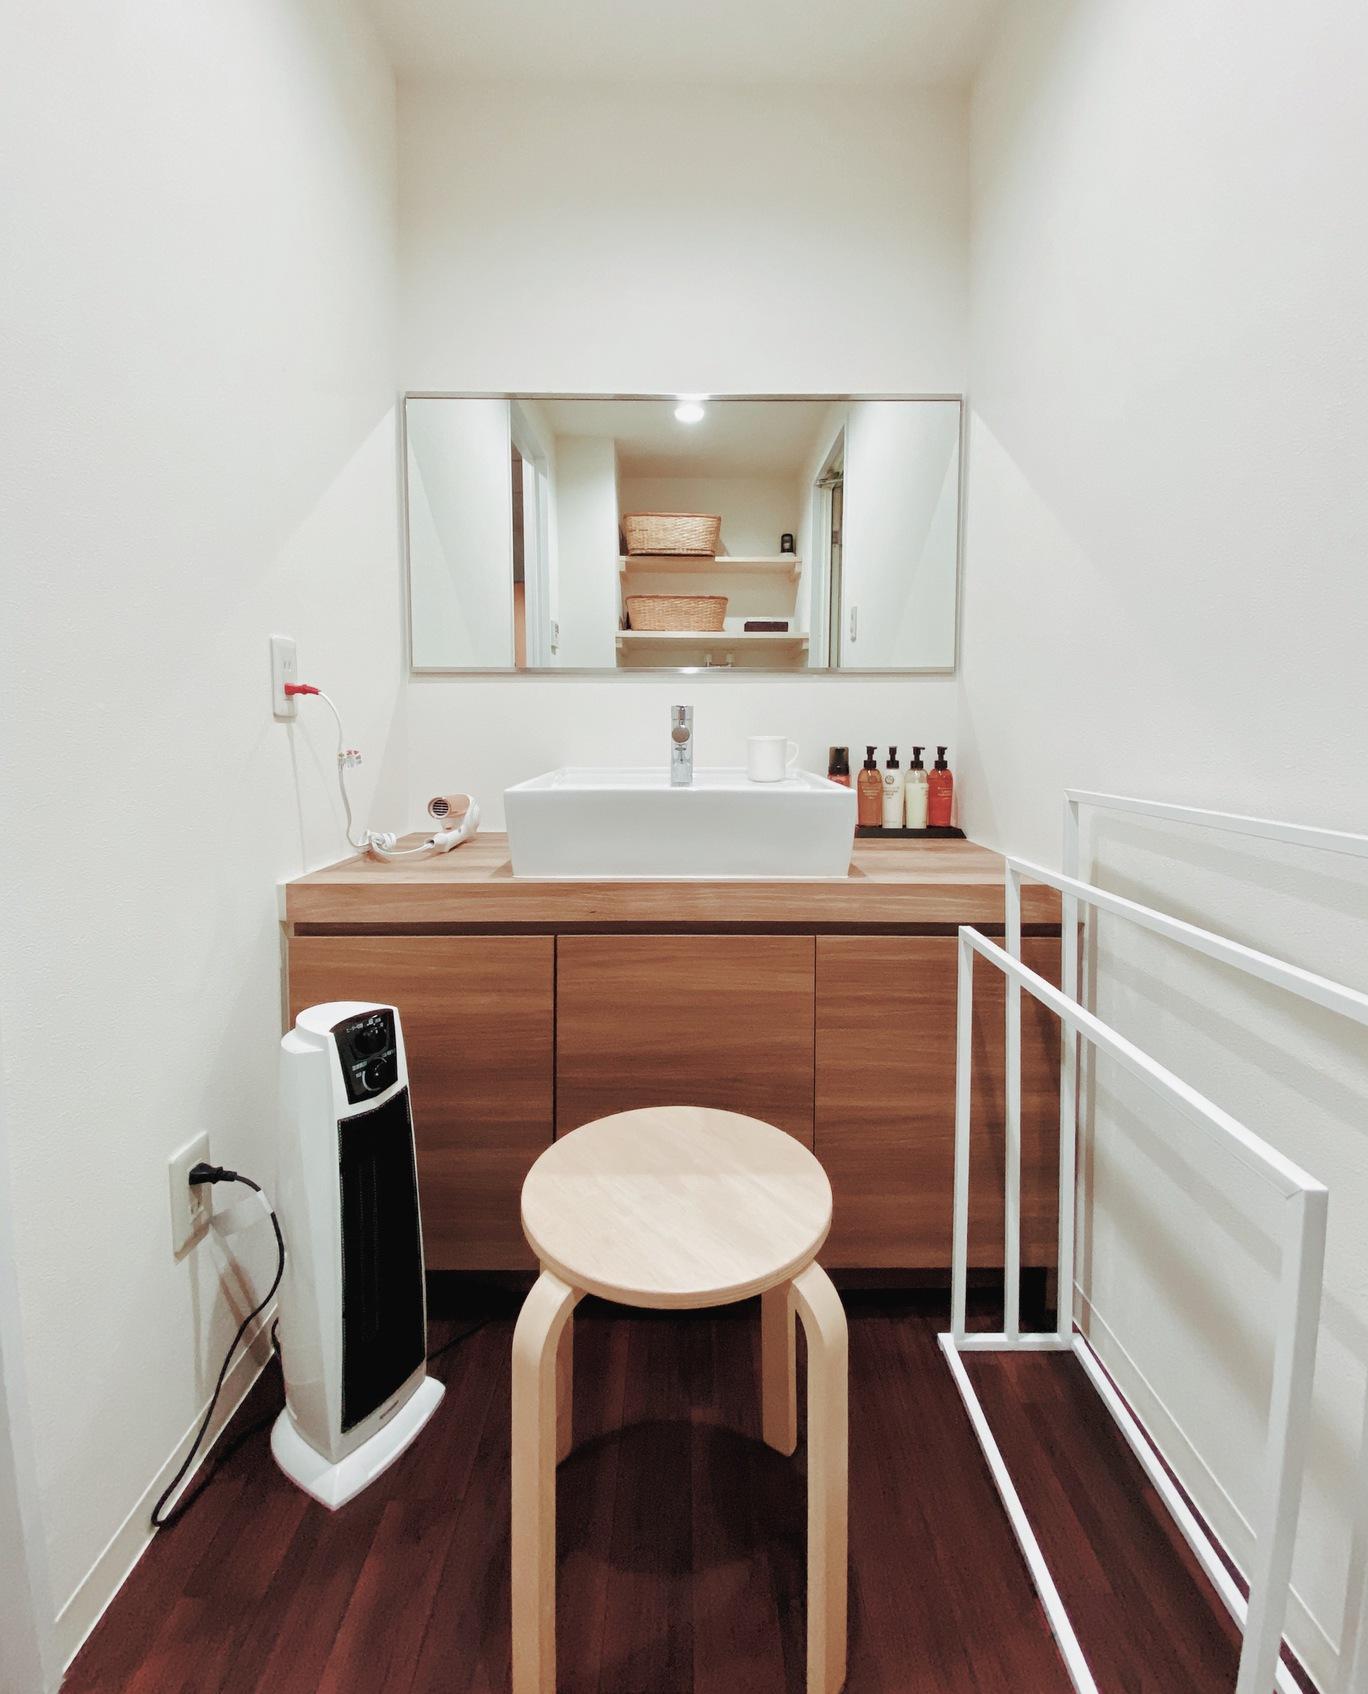 スイートルームの洗面台